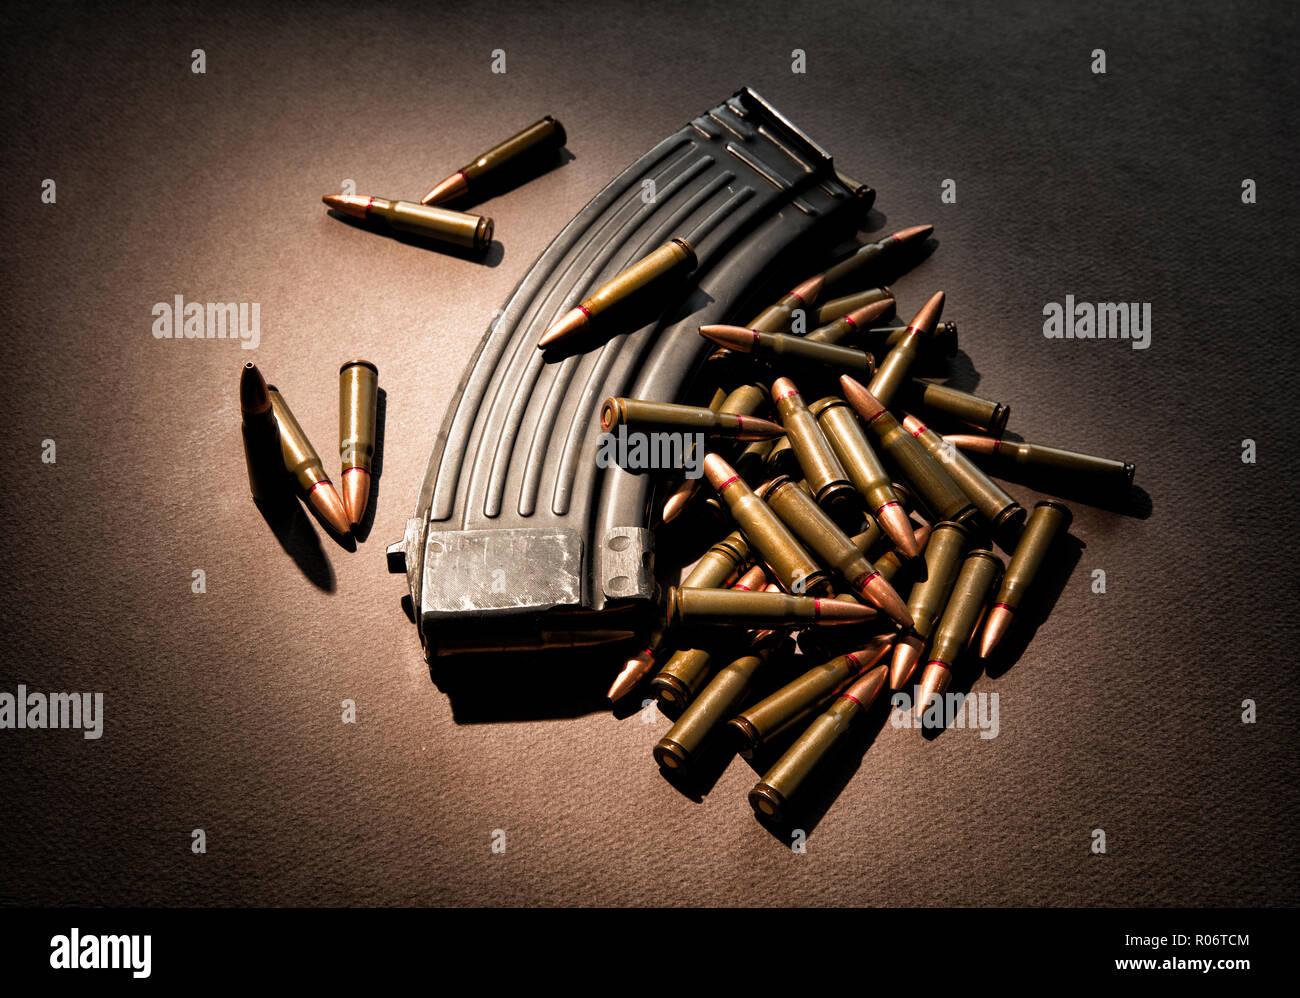 High capacity 30 round ammunition magazine with live ammunition. - Stock Image